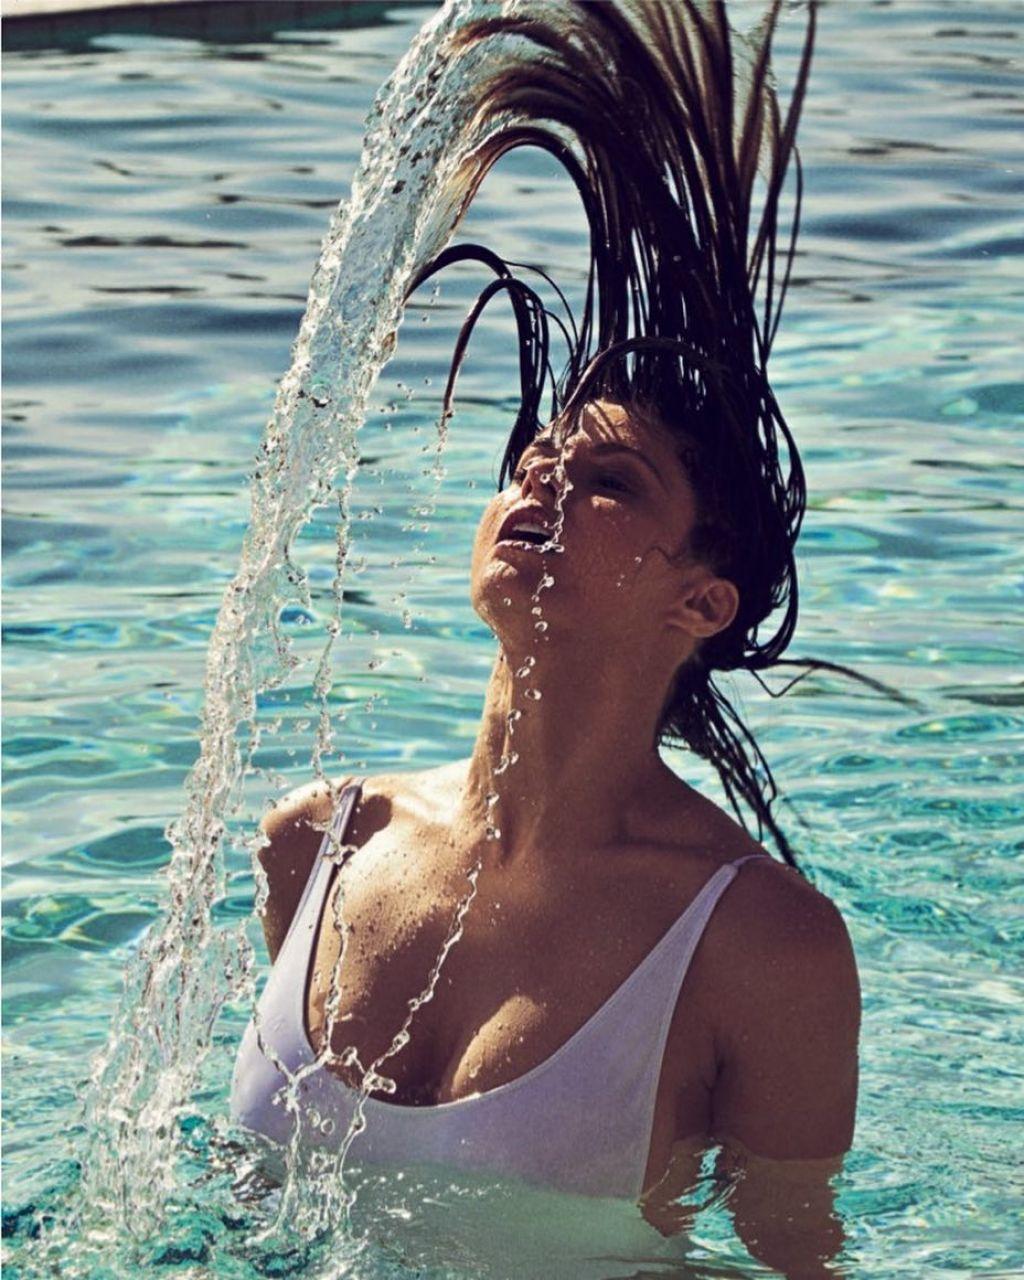 Alexandra Daddario - Social Media Photos